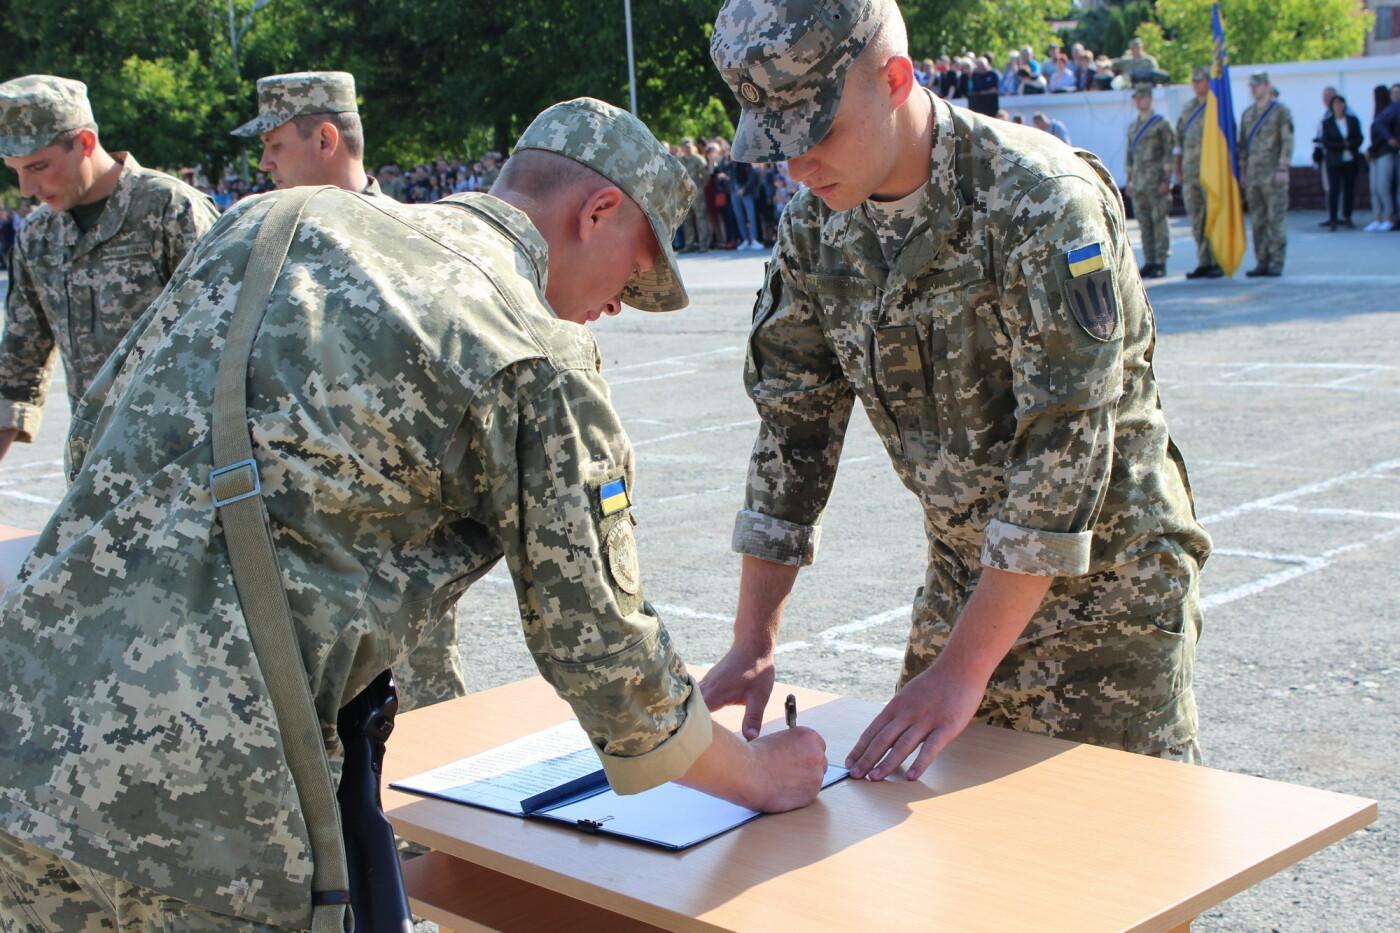 У Кам'янці 240 військовослужбовців склали присягу, фото-2, Фото: Olha Povorozniuk